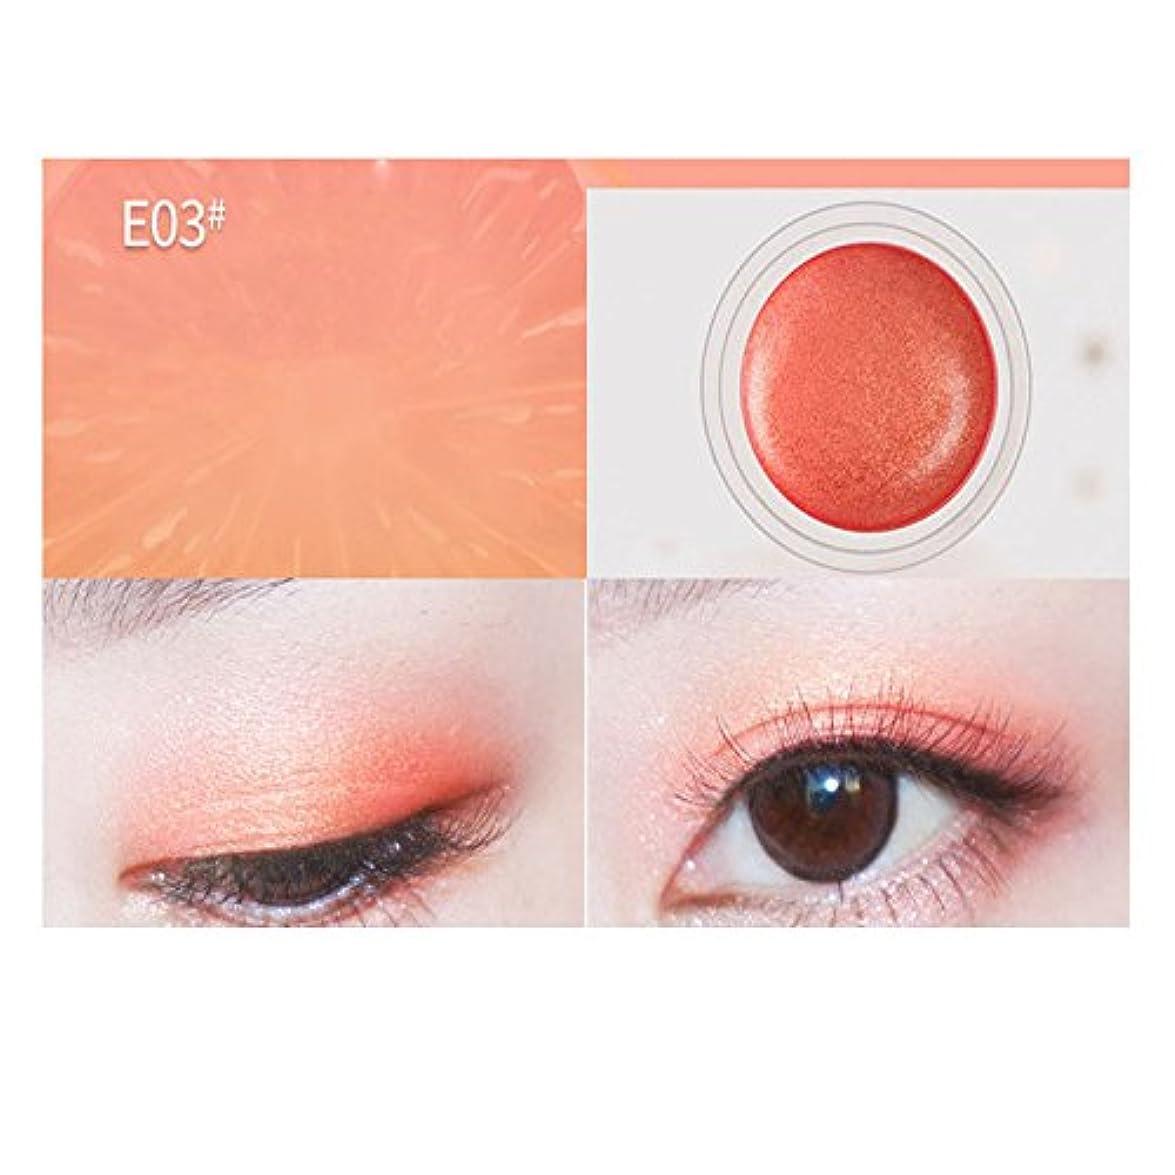 ましいようこそ測定可能幸運な太陽 アイシャドウ 30色 女性 化粧メイク ニュートラル ヌード ウォーム アイシャド ウパレット パーフェクト アイシャドウパレット 瞳を大きく魅せる 極め細かい 可愛い  限定